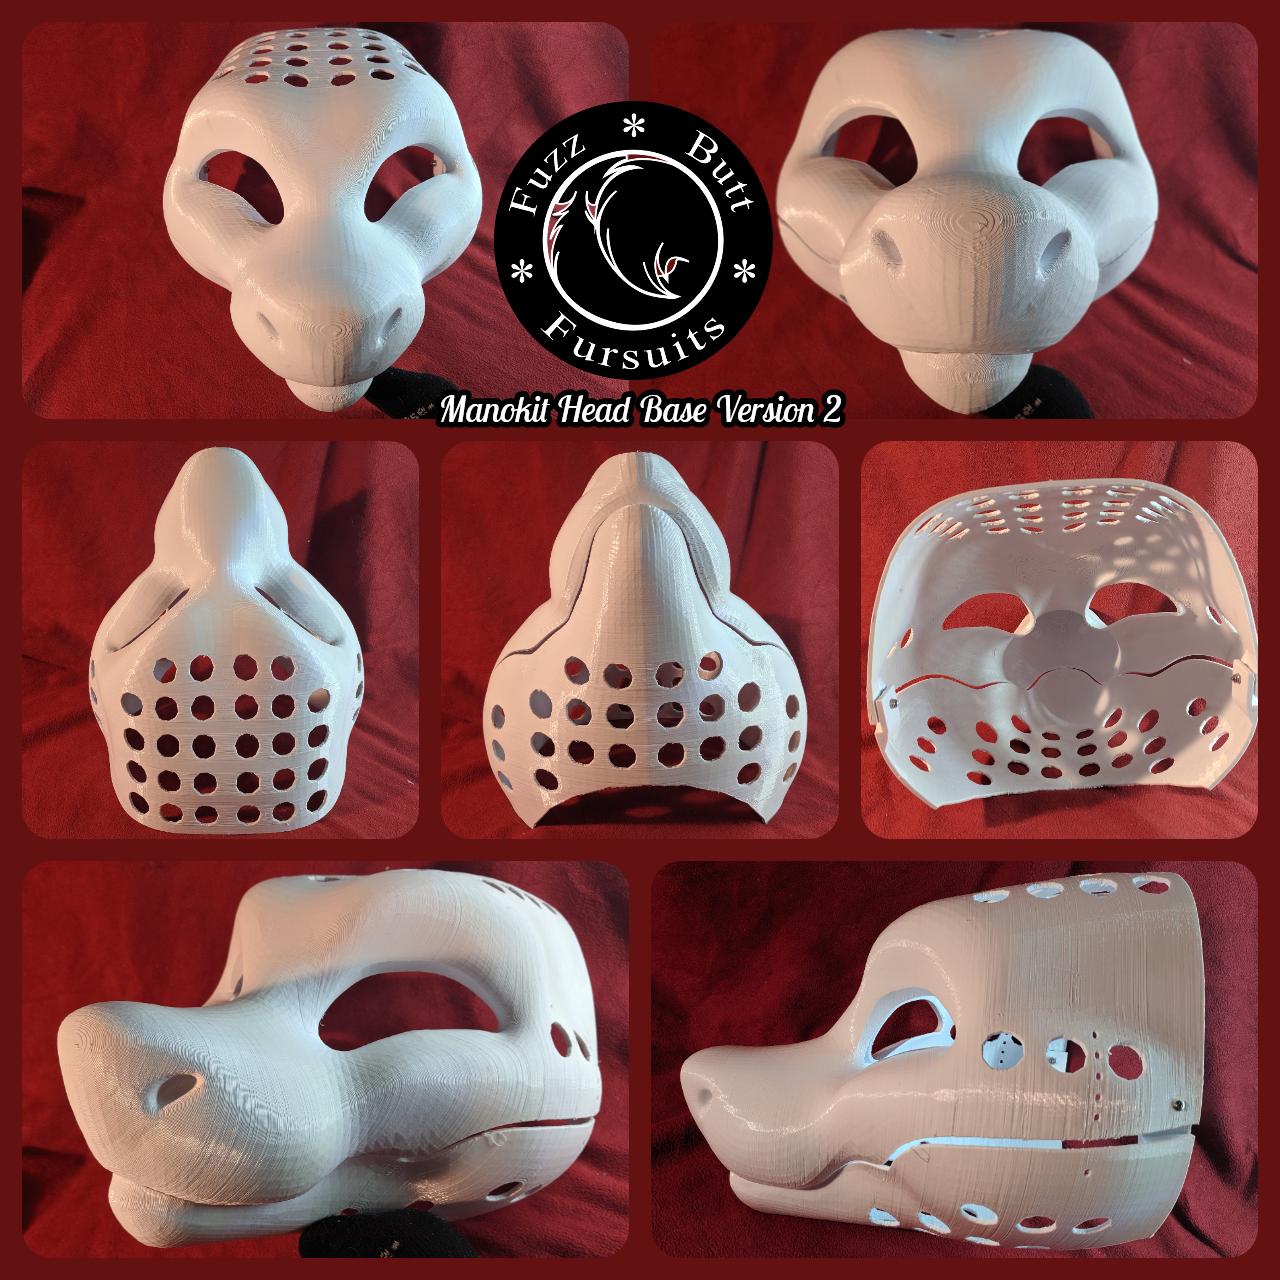 Manokit Head Base Version 2 Weasyl Anthro artist | member since: manokit head base version 2 weasyl